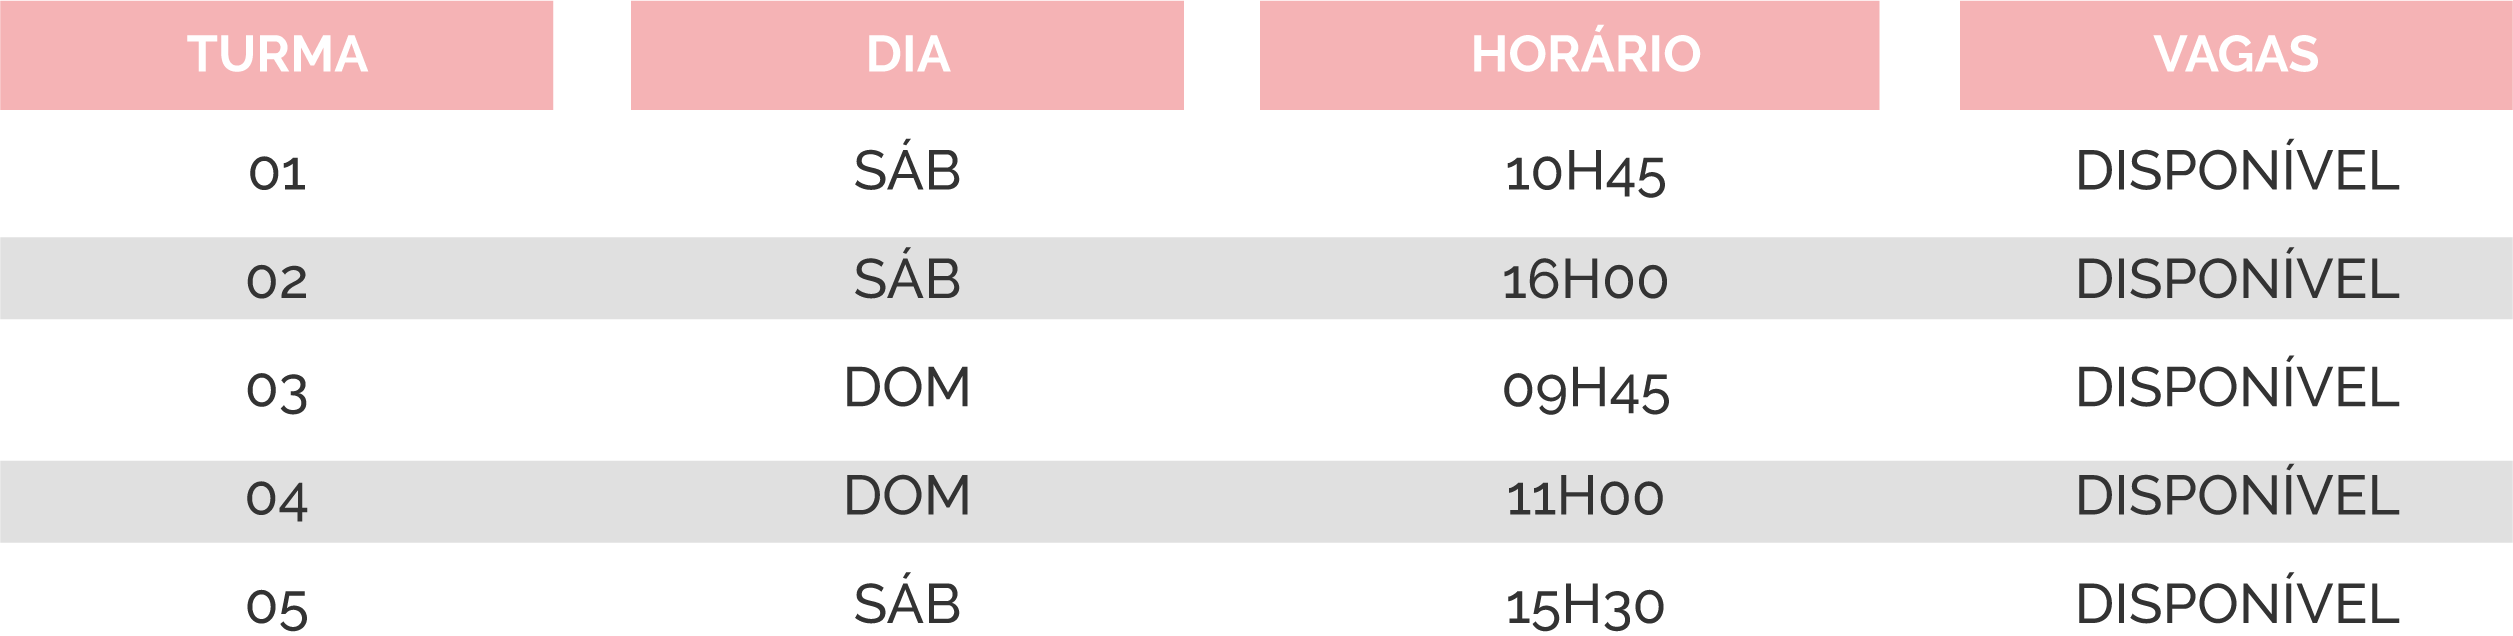 tabela lourosa 1 - Natação Bebés [turmas e horários]